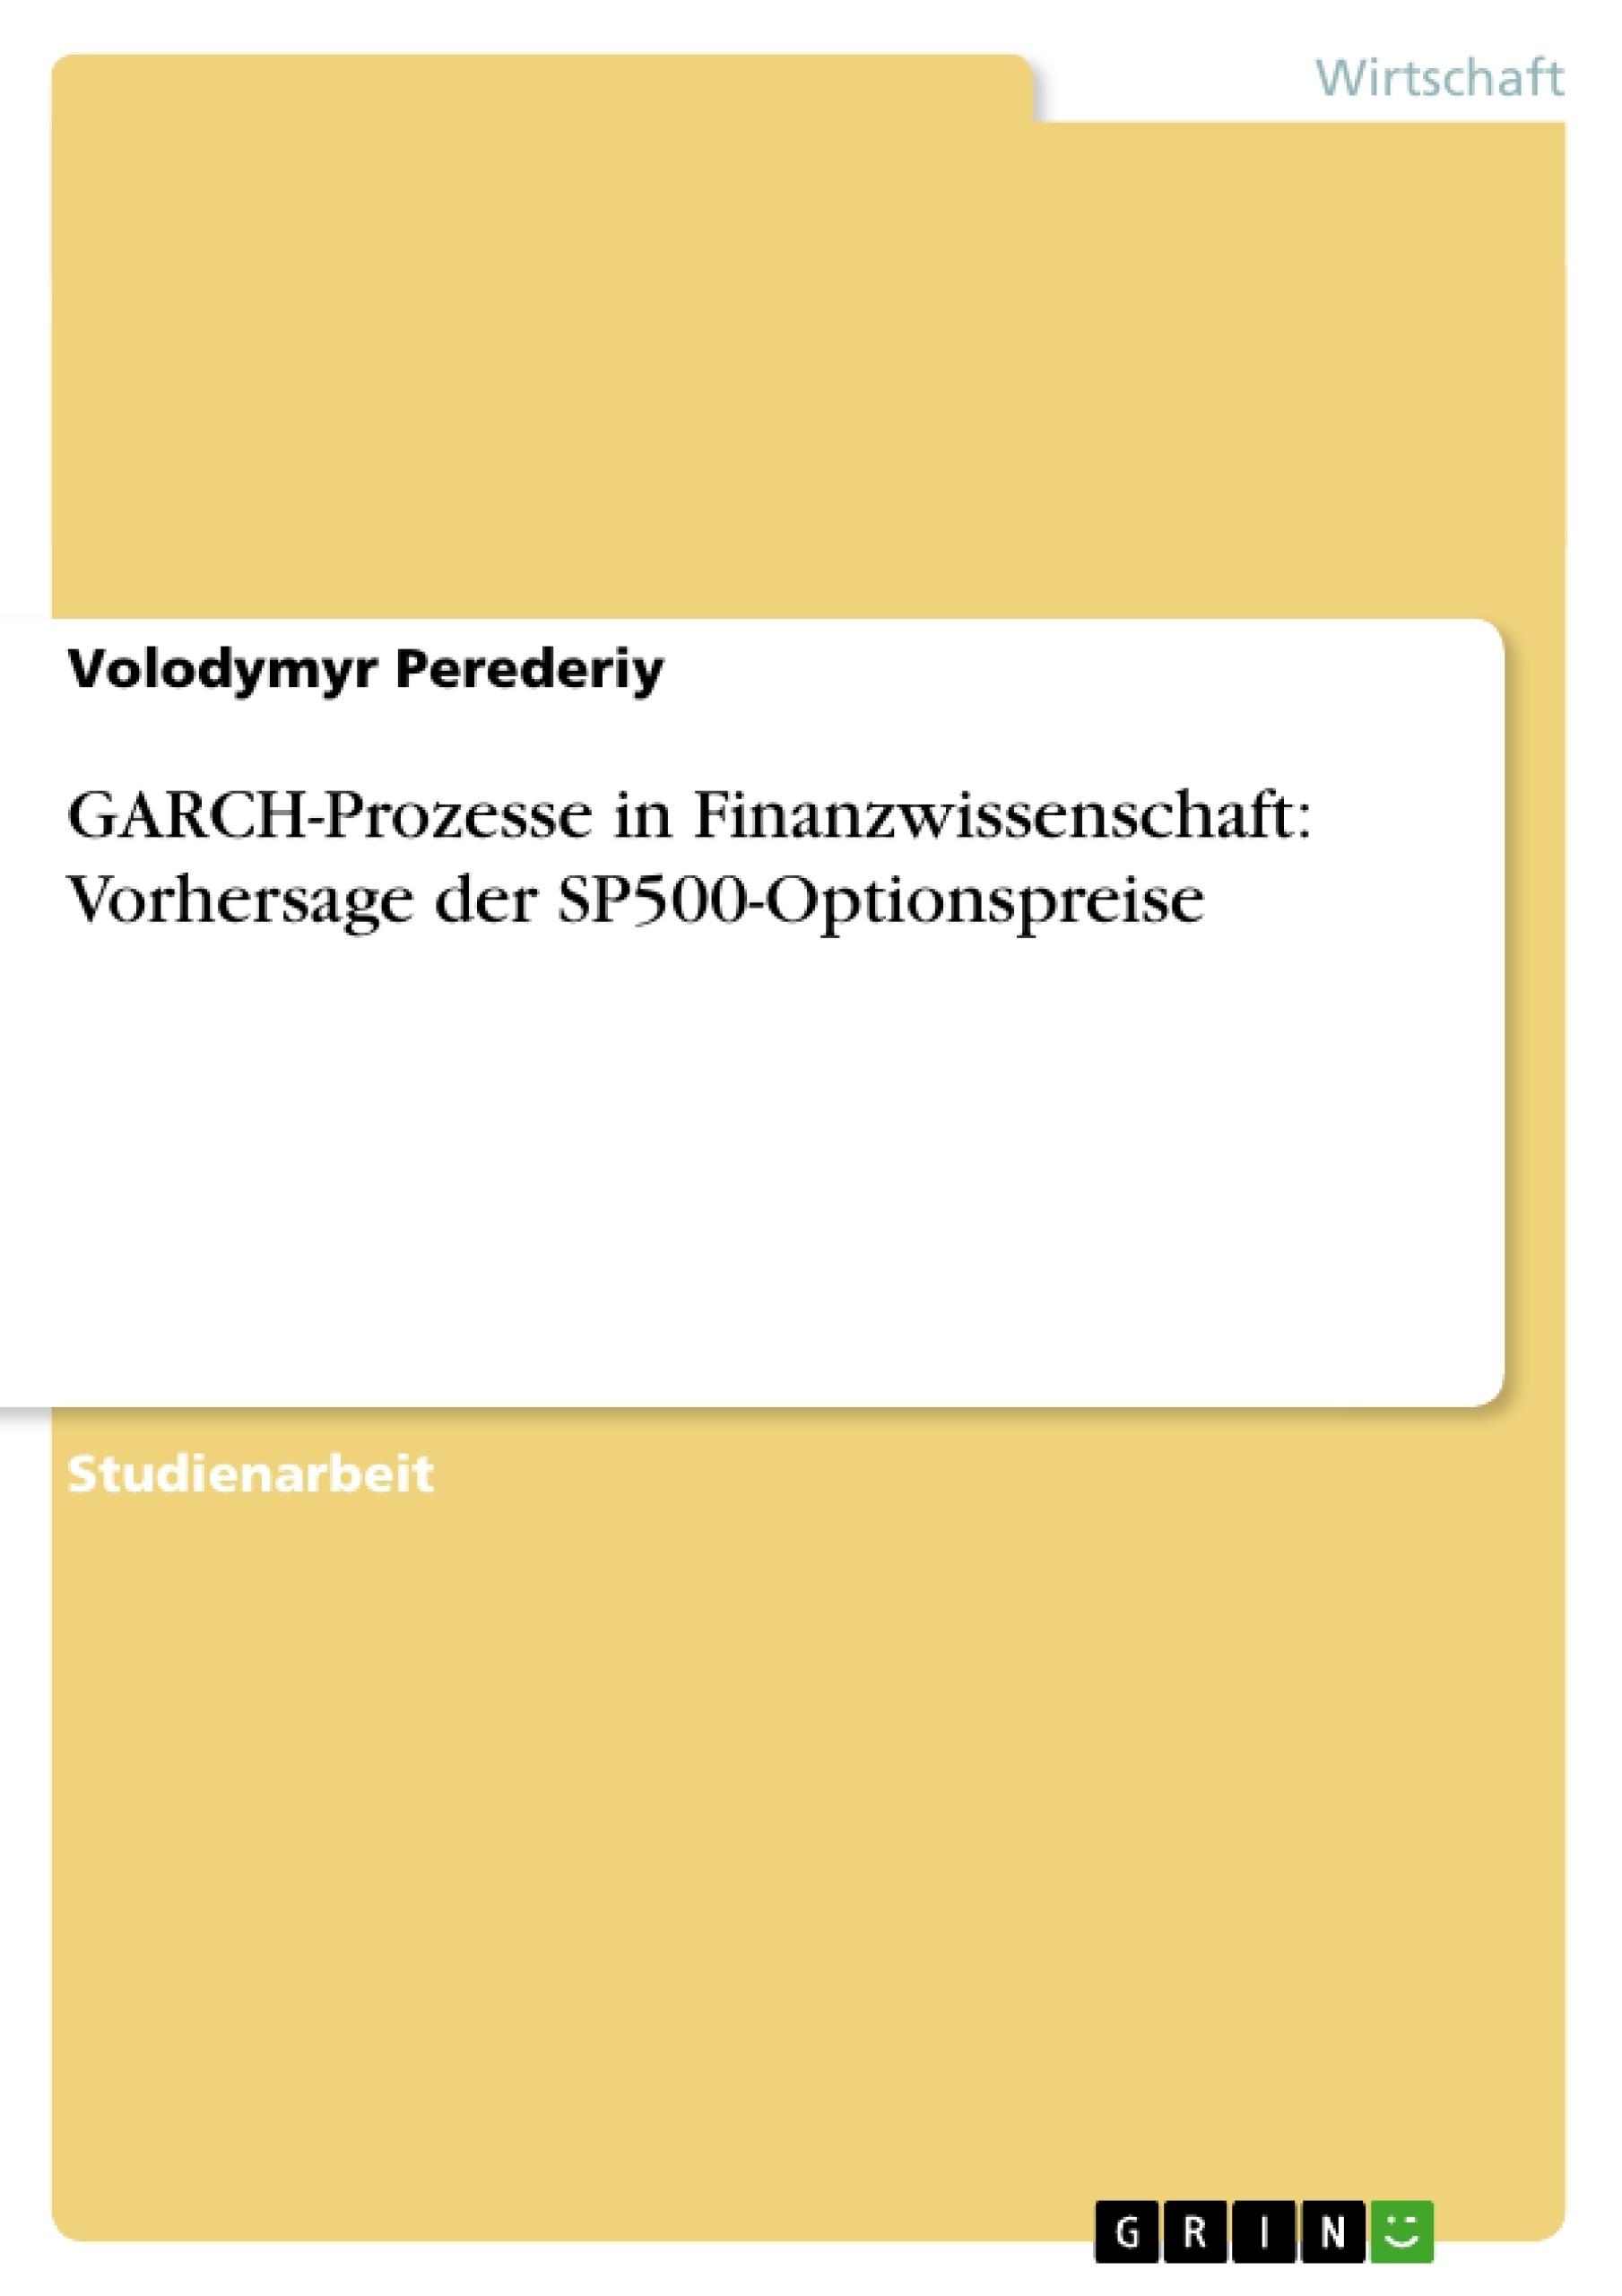 Titel: GARCH-Prozesse in Finanzwissenschaft: Vorhersage der SP500-Optionspreise